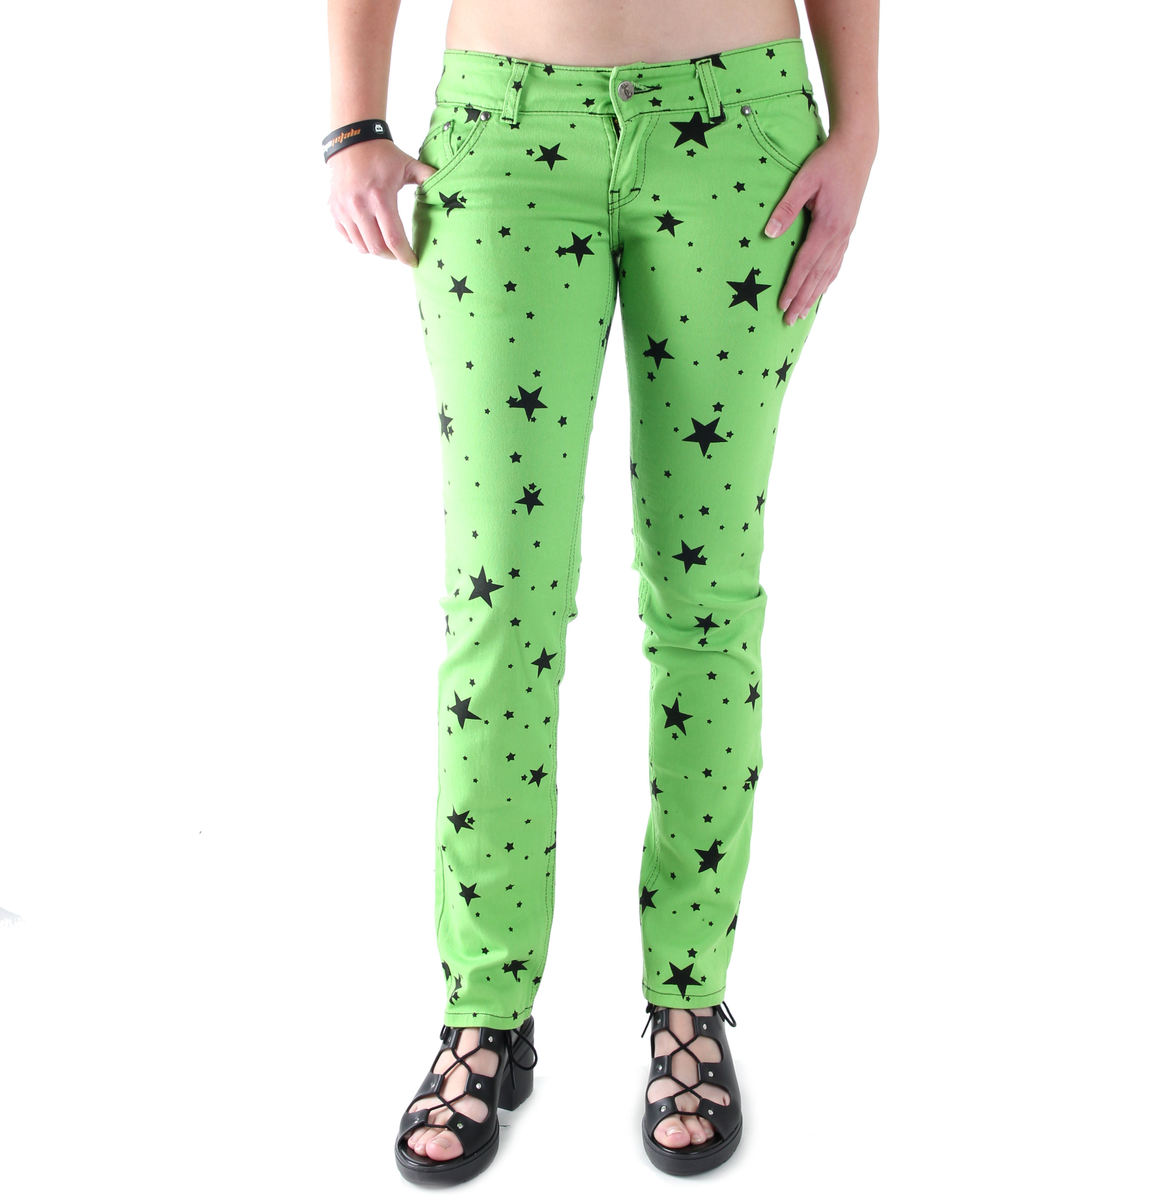 kalhoty dámské 3RDAND56th - Lime - JM1097